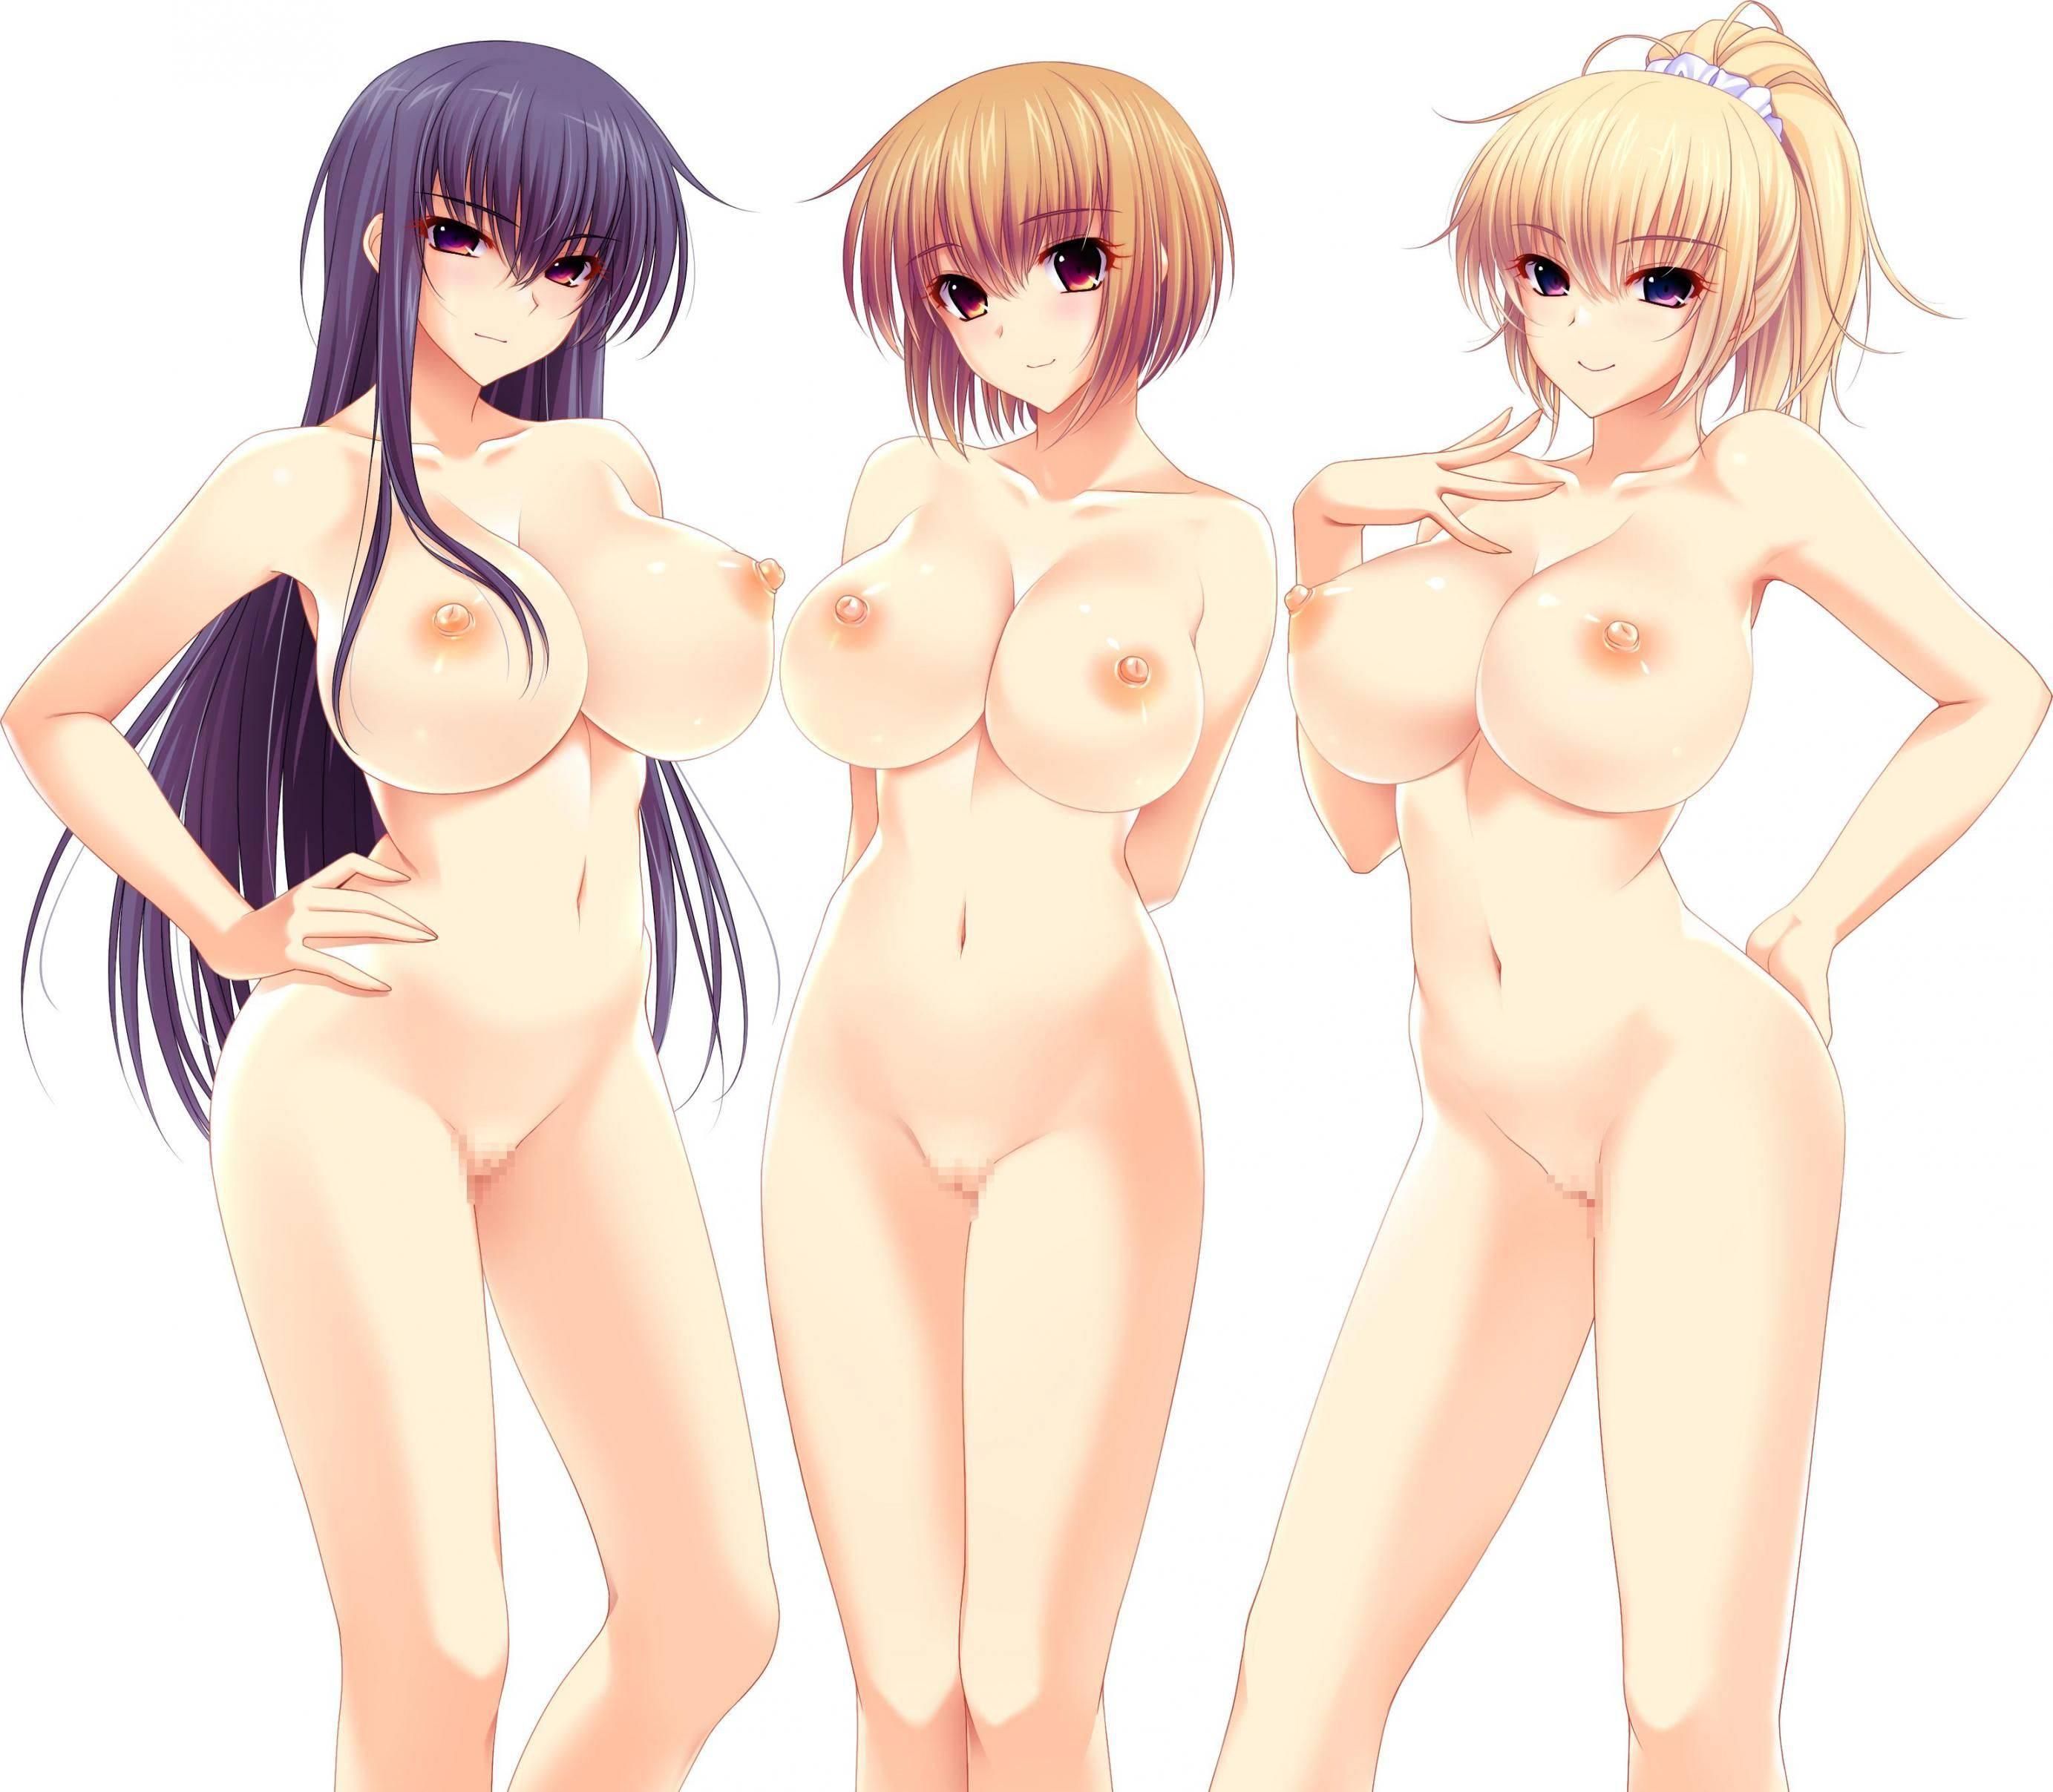 【どれにしようかな?】女の子達が全裸で立ってる二次エロ画像【13】